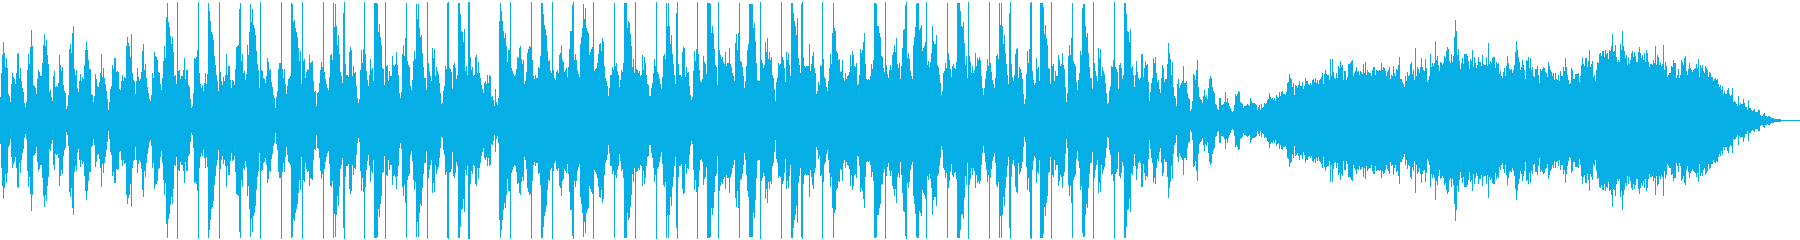 重厚なストリングスが特徴なバラードの再生済みの波形